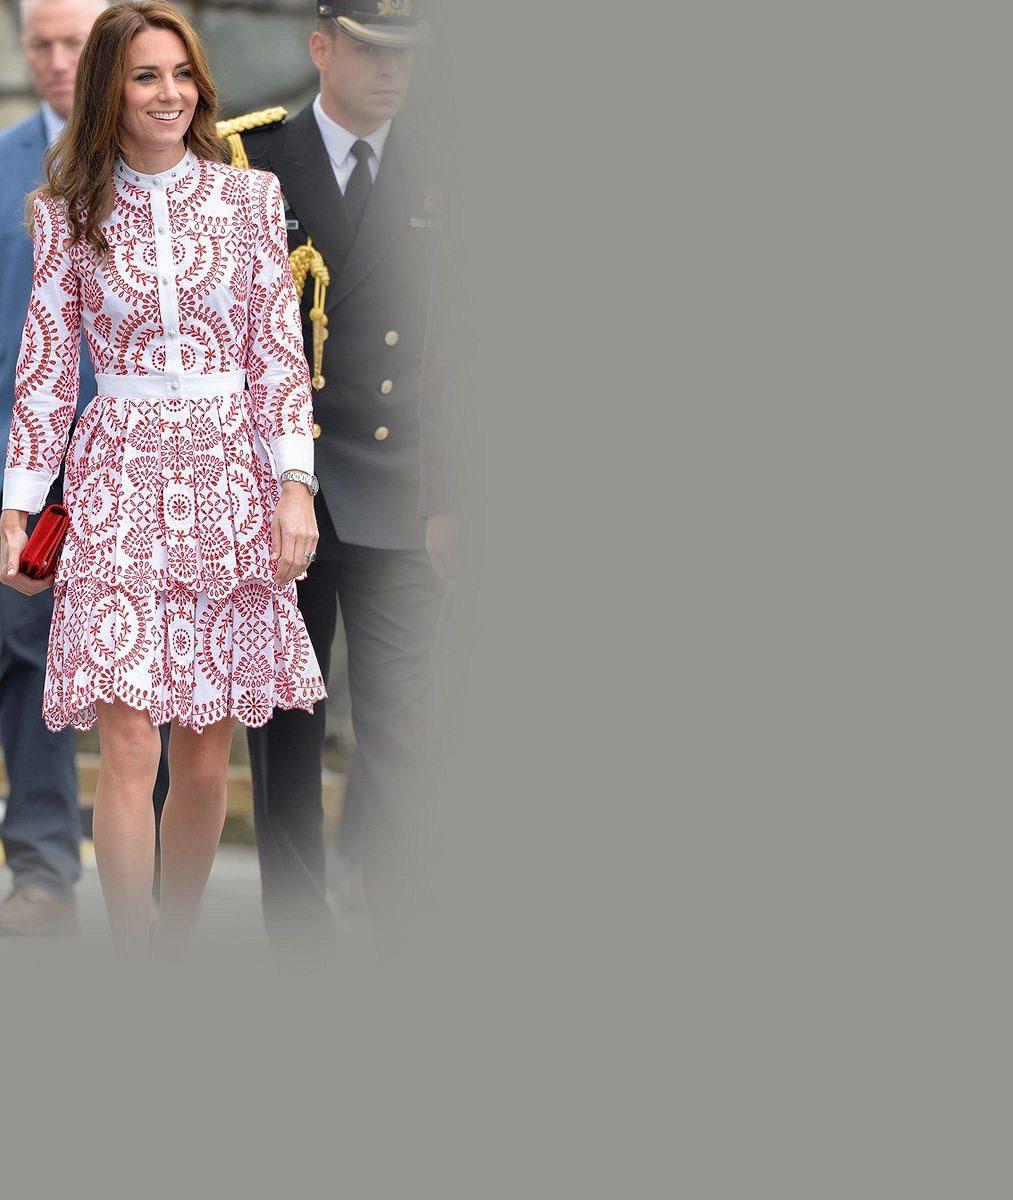 Vévodkyně Kate se na státní návštěvě sladila s kanadskou vlajkou: Oblékla šaty za 125 tisíc